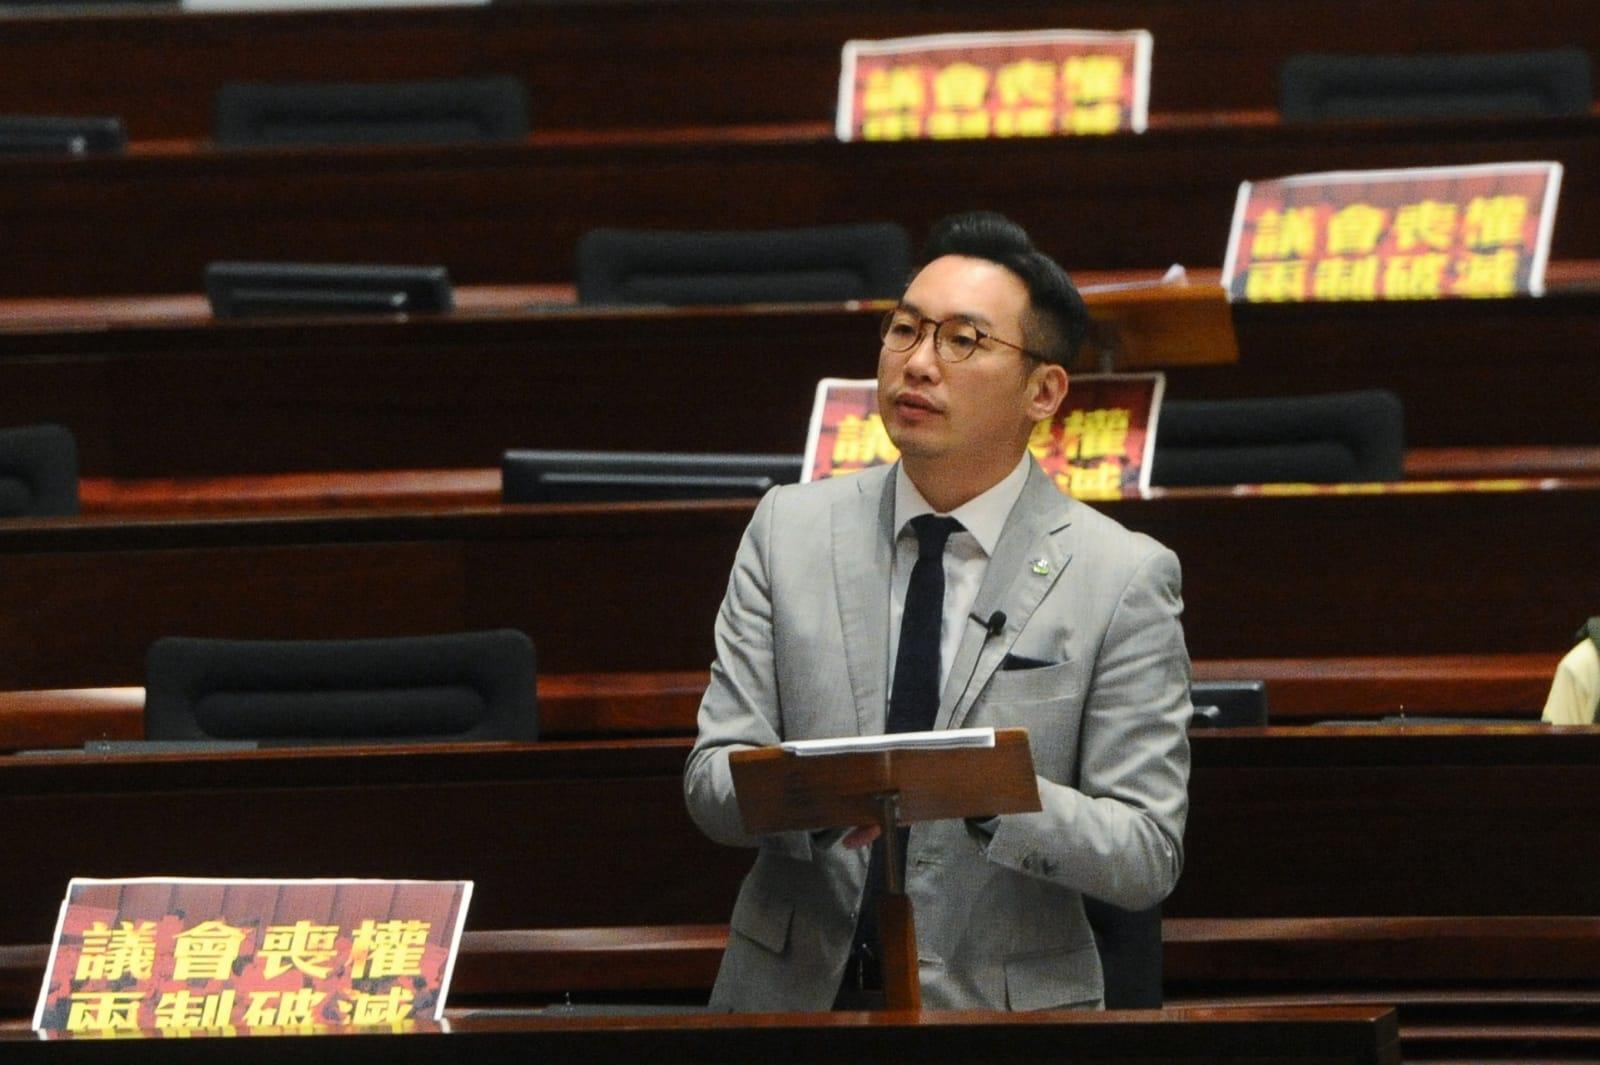 楊岳橋提出加入第 11(1A)條,條文「只受香港法例管限並只按照香港法例解釋」。(宋碧龍 / 大紀元)